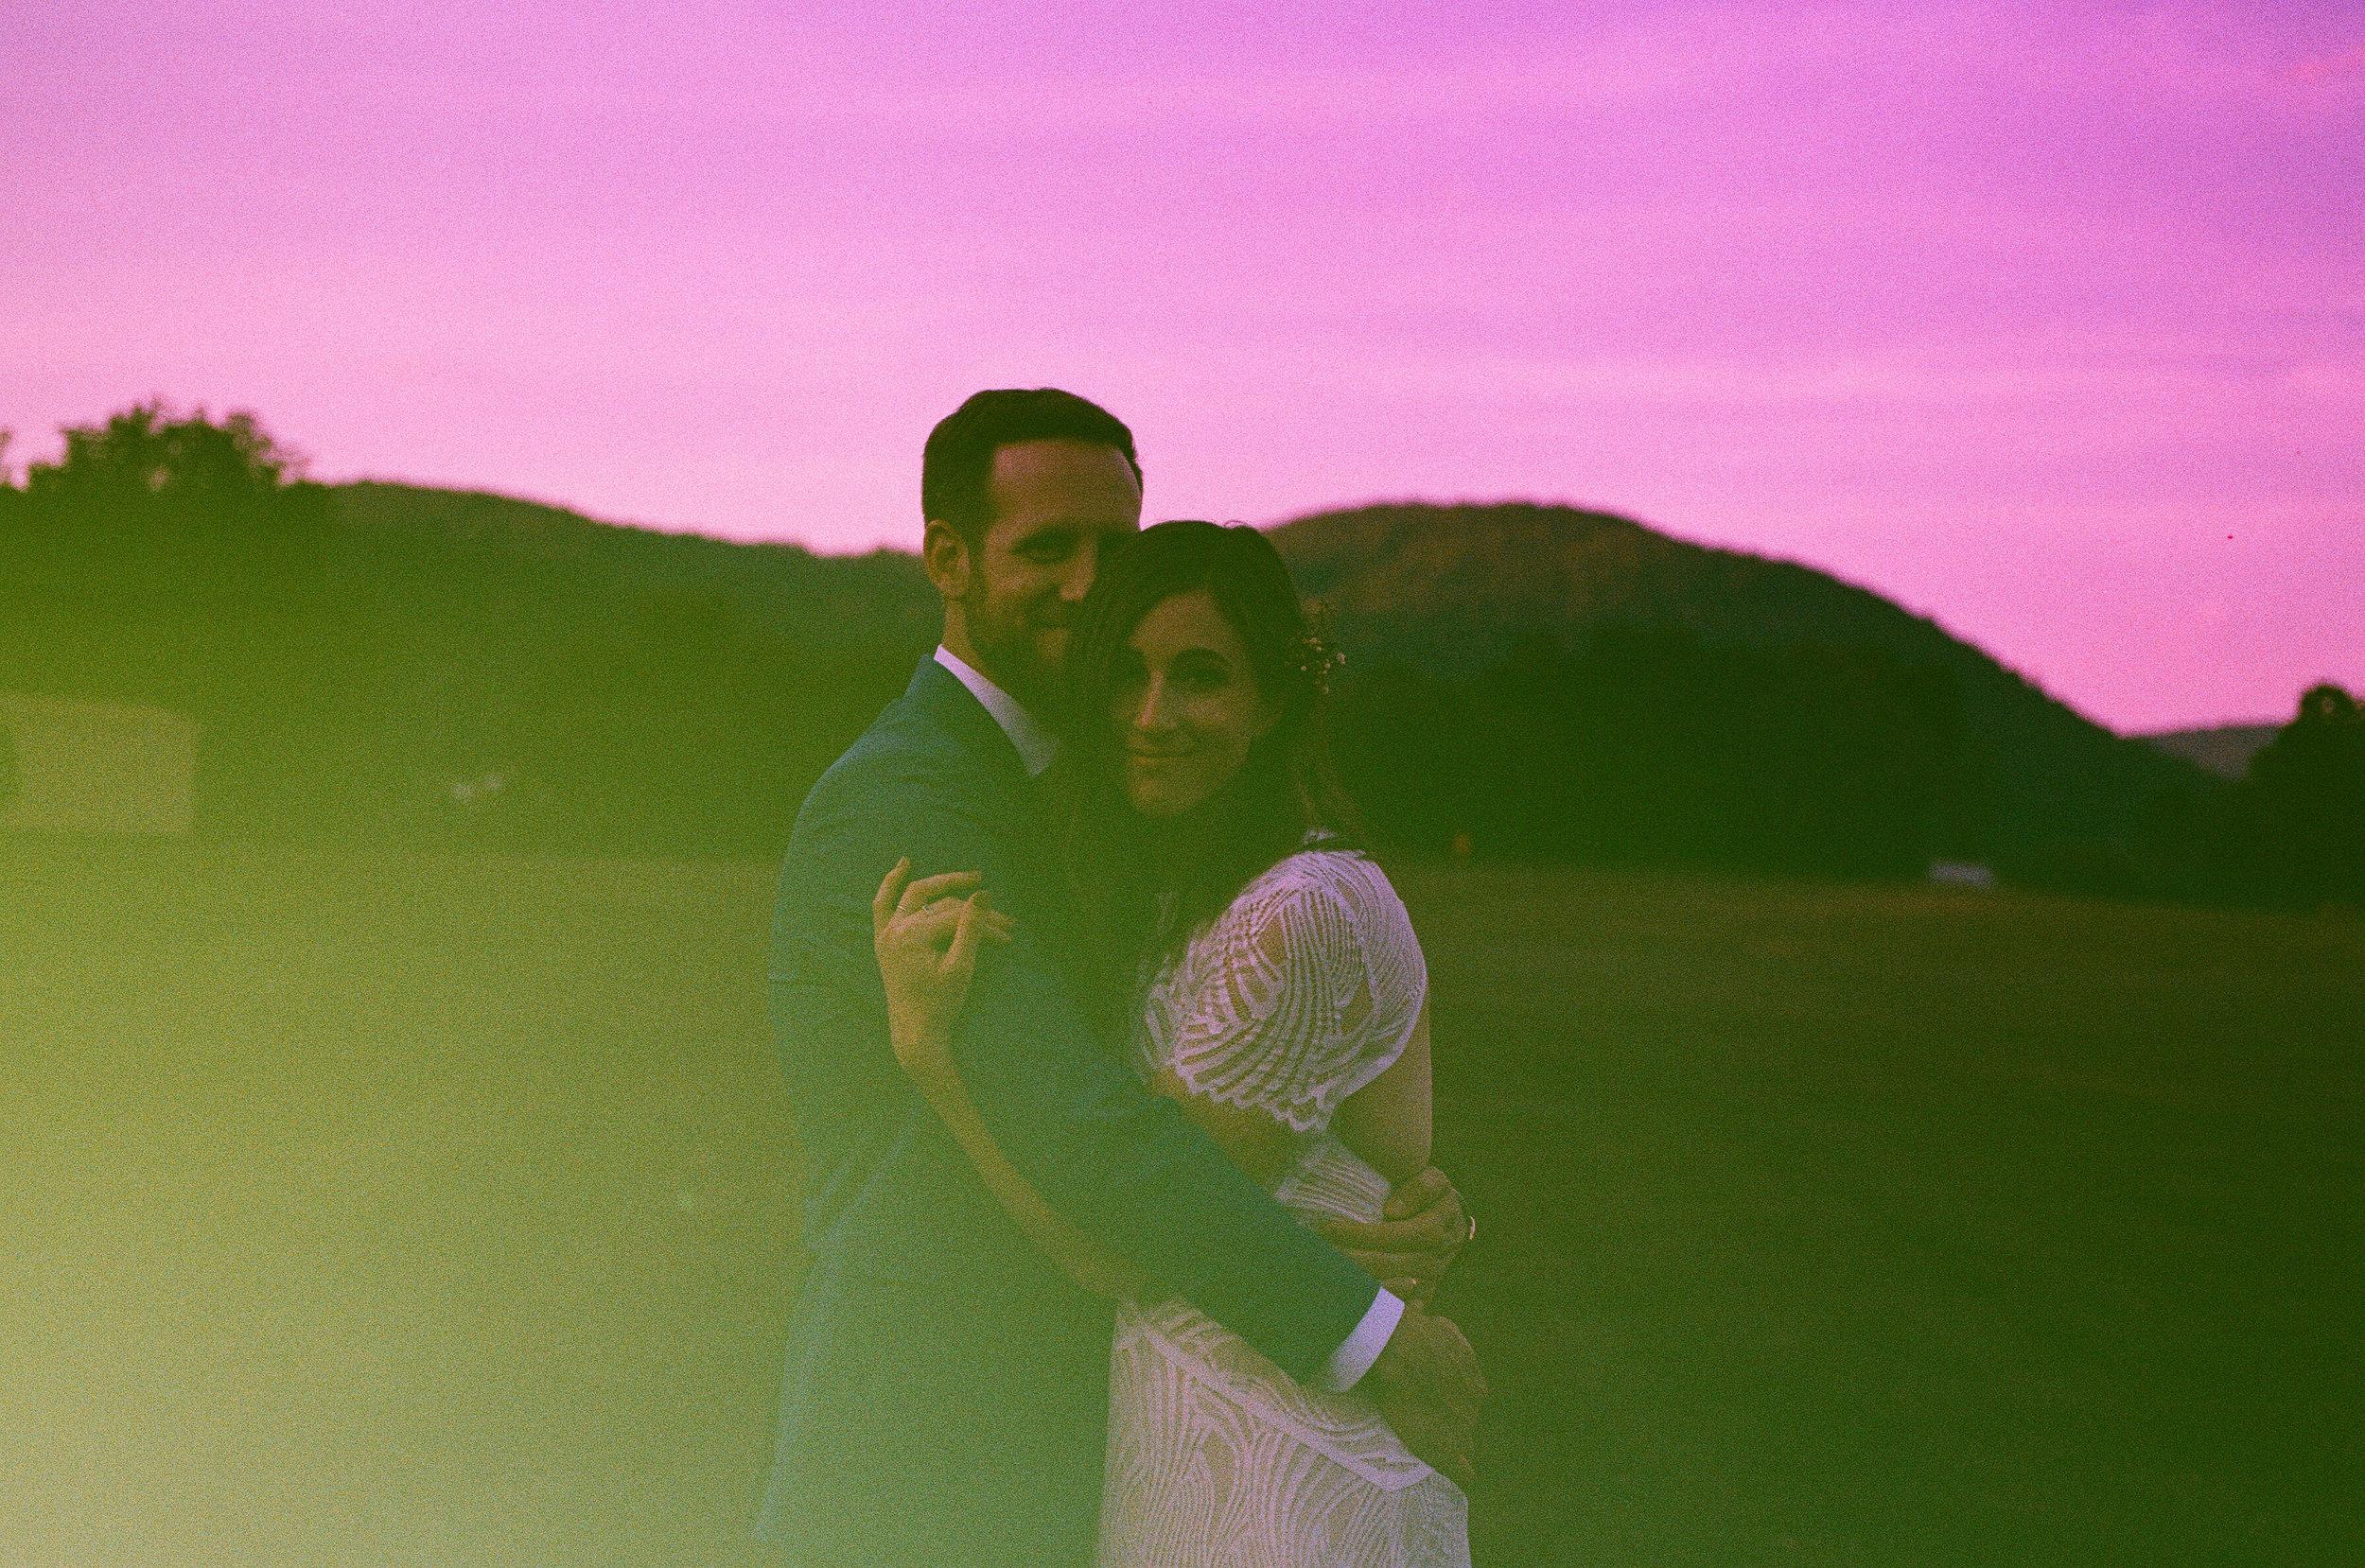 mapleshade_farm_wedding_35mm-4067.jpg